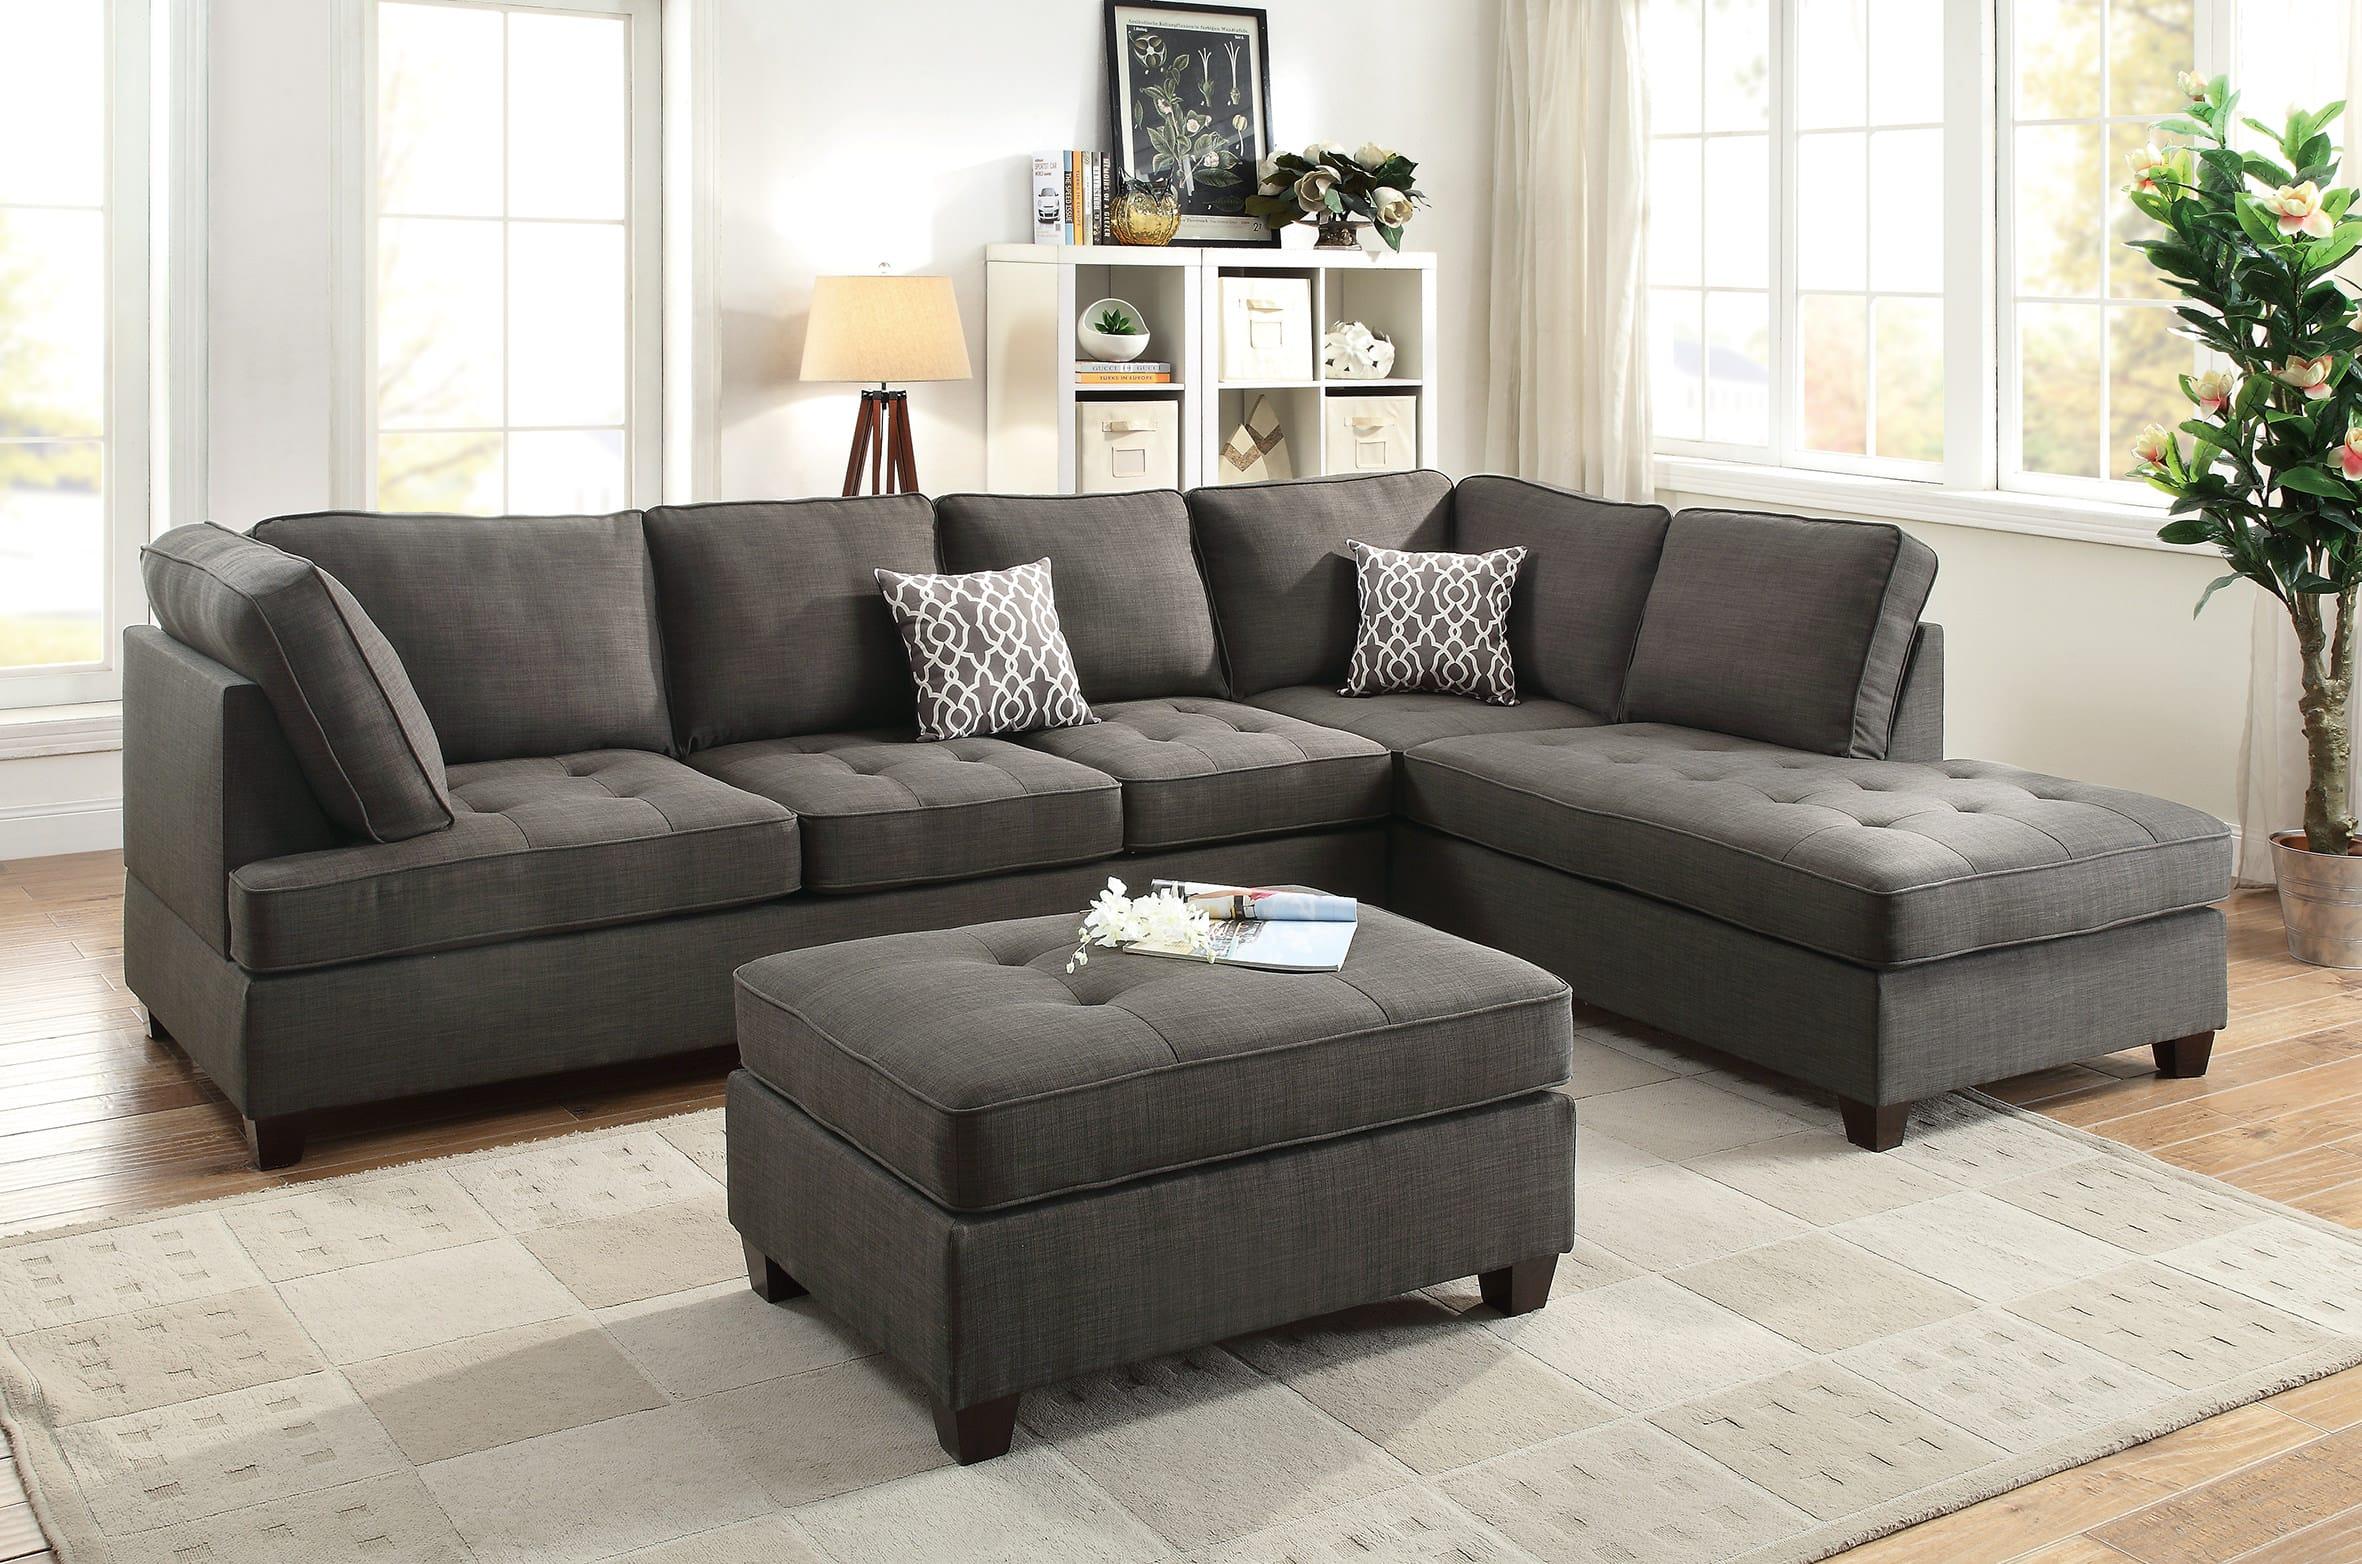 F6988 Ash Black 2 Pcs Sectional Sofa Set by Poundex